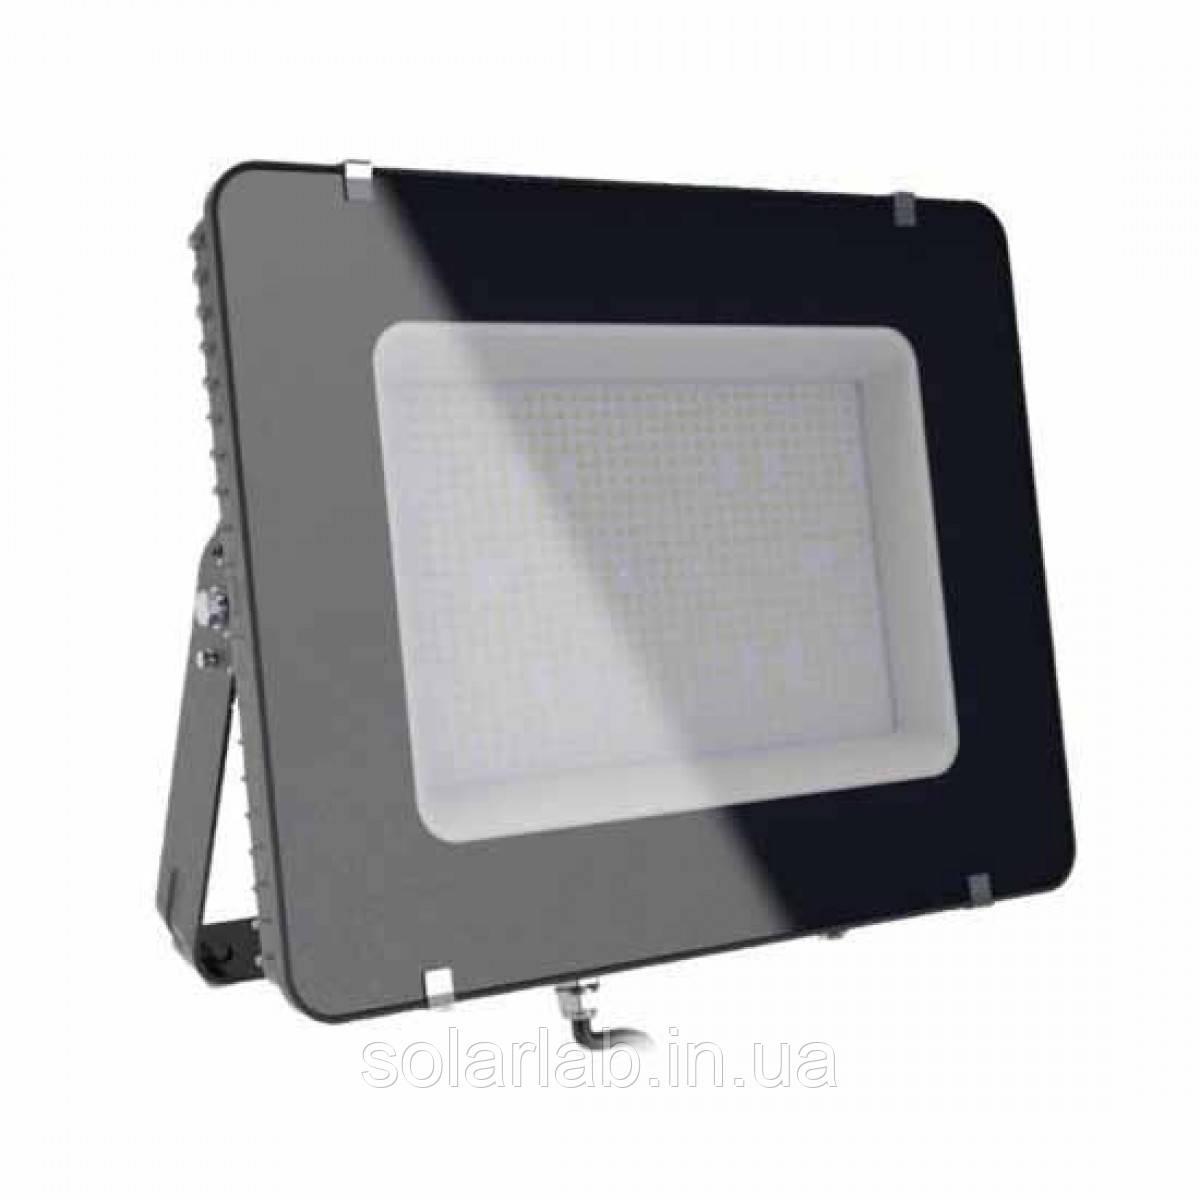 Линейный трековий светильник LED V-TAC, 20W, SKU-7964, магнитный крепеж, 24V, 3000K, черный